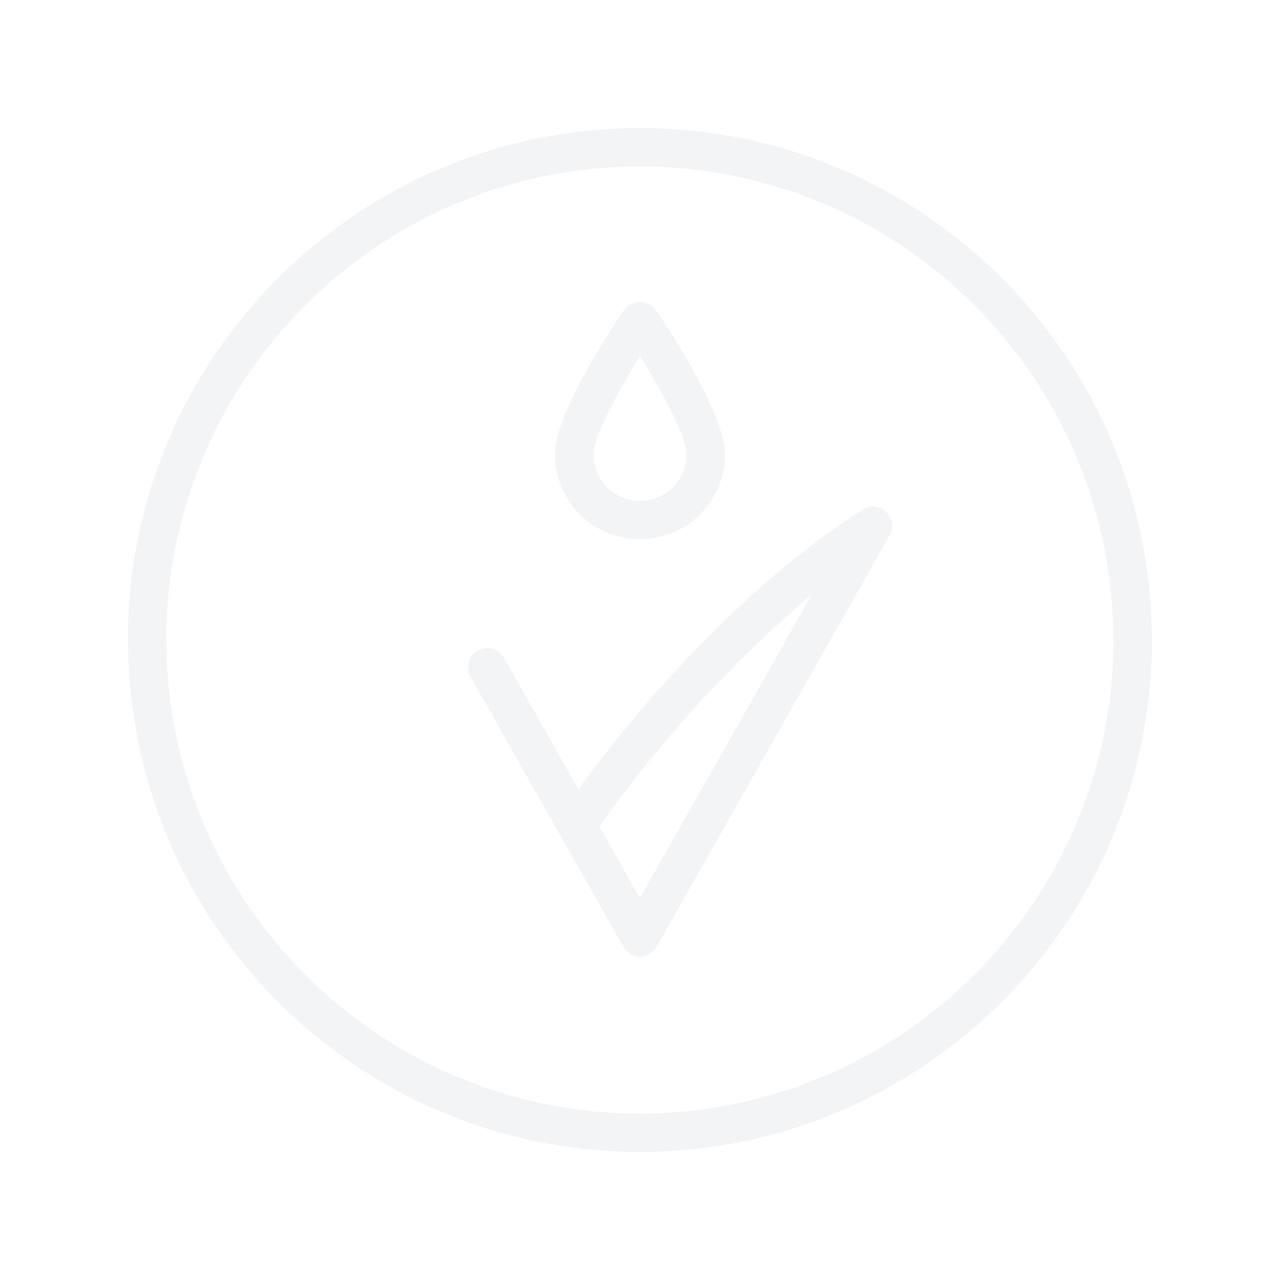 BIODROGA MD Even & Perfect DD Cream SPF25 Dark 40ml